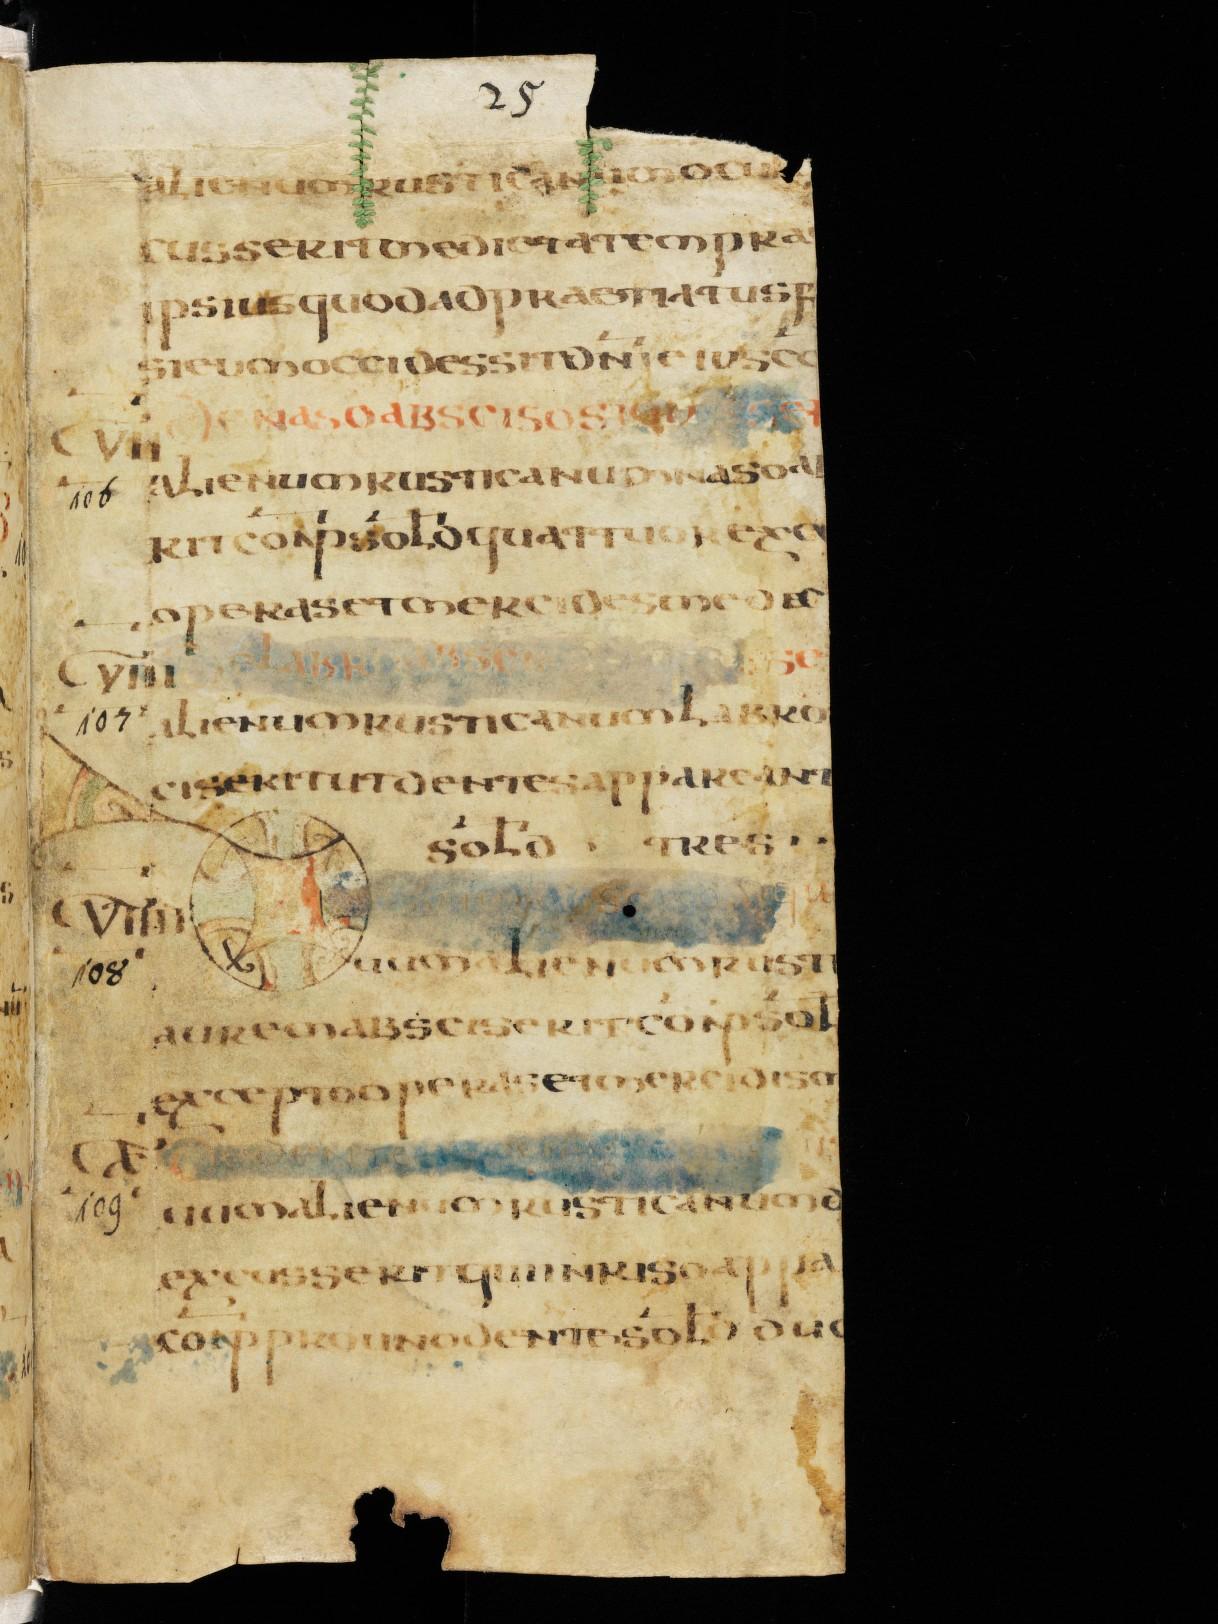 Cod. Sang. 730, p. 25